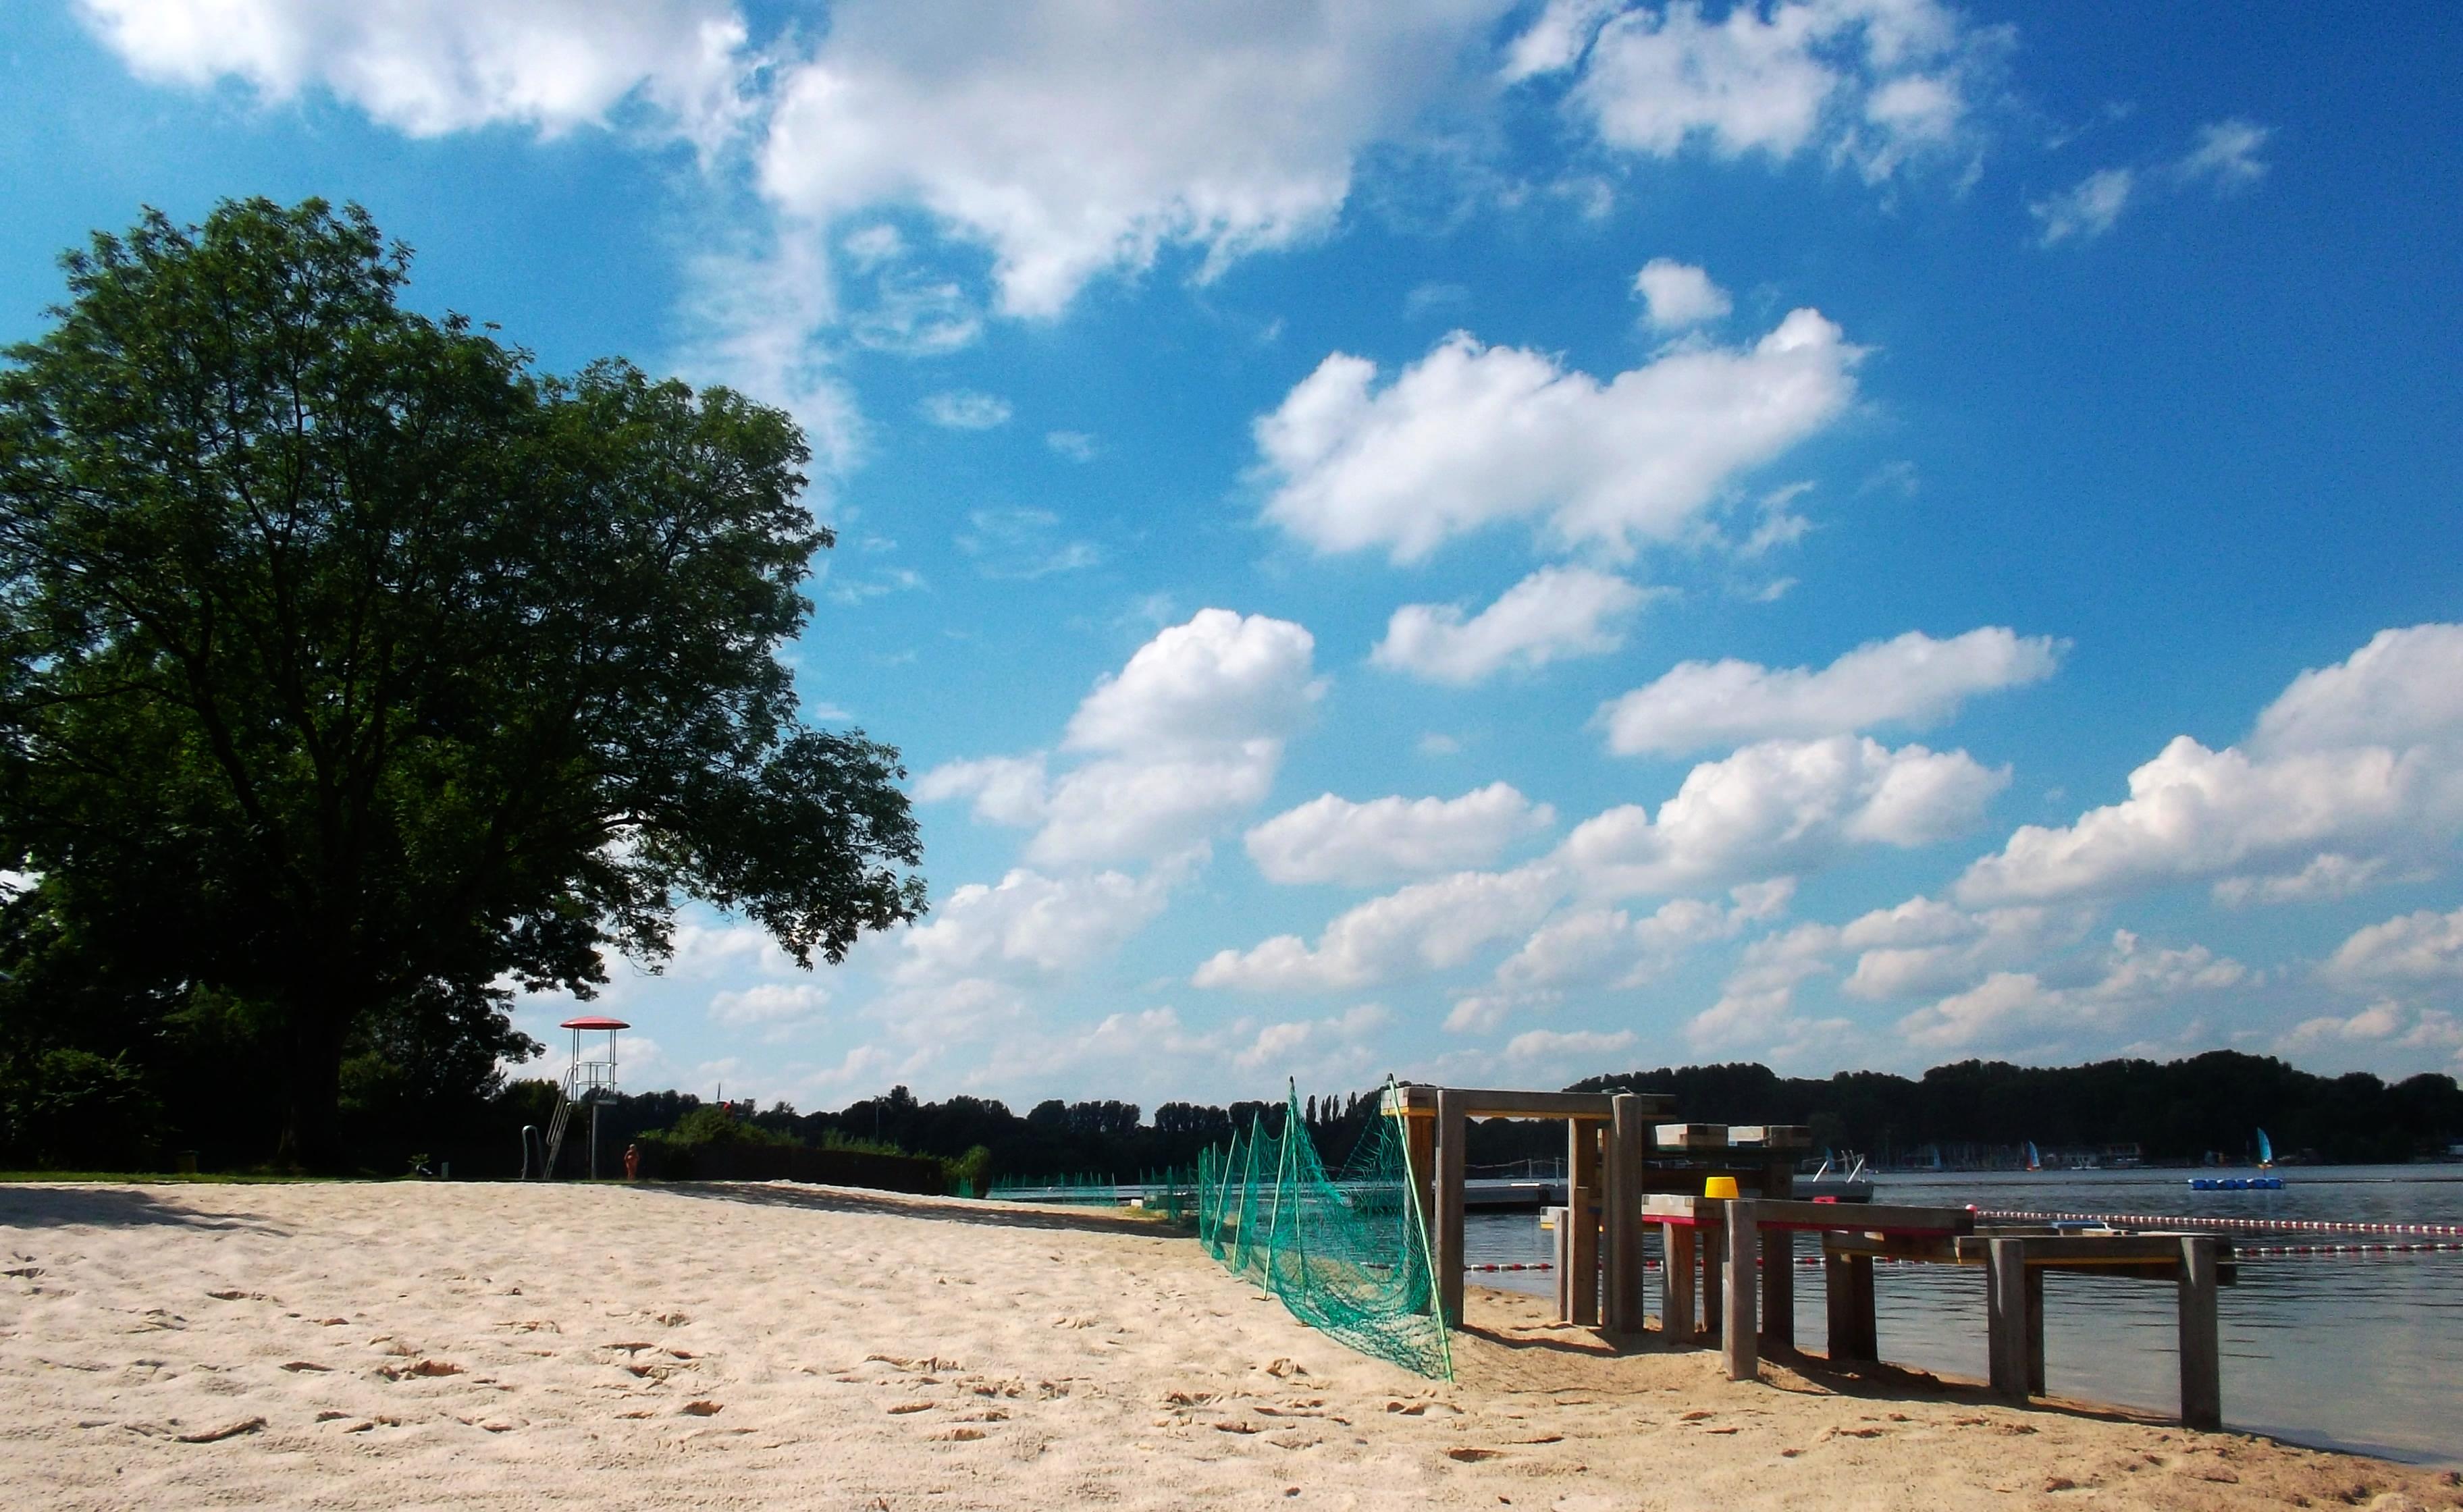 Fkk nude beach